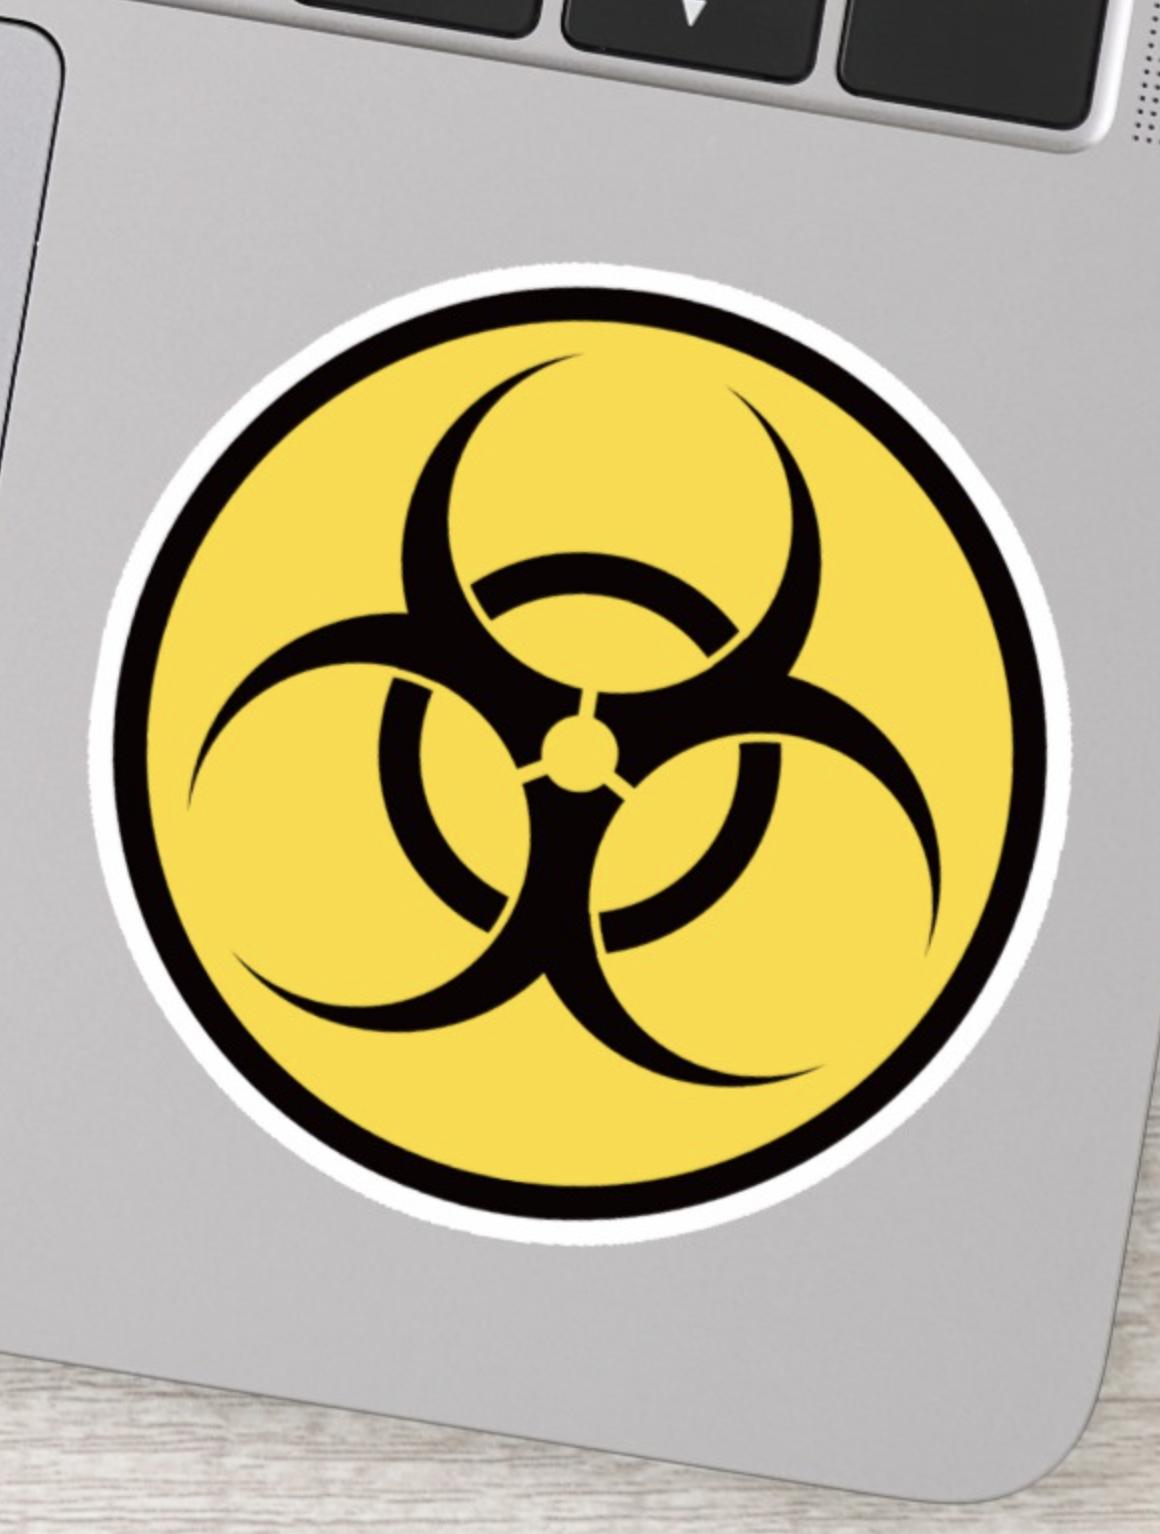 Biohazard symbol sticker Biohazard symbol